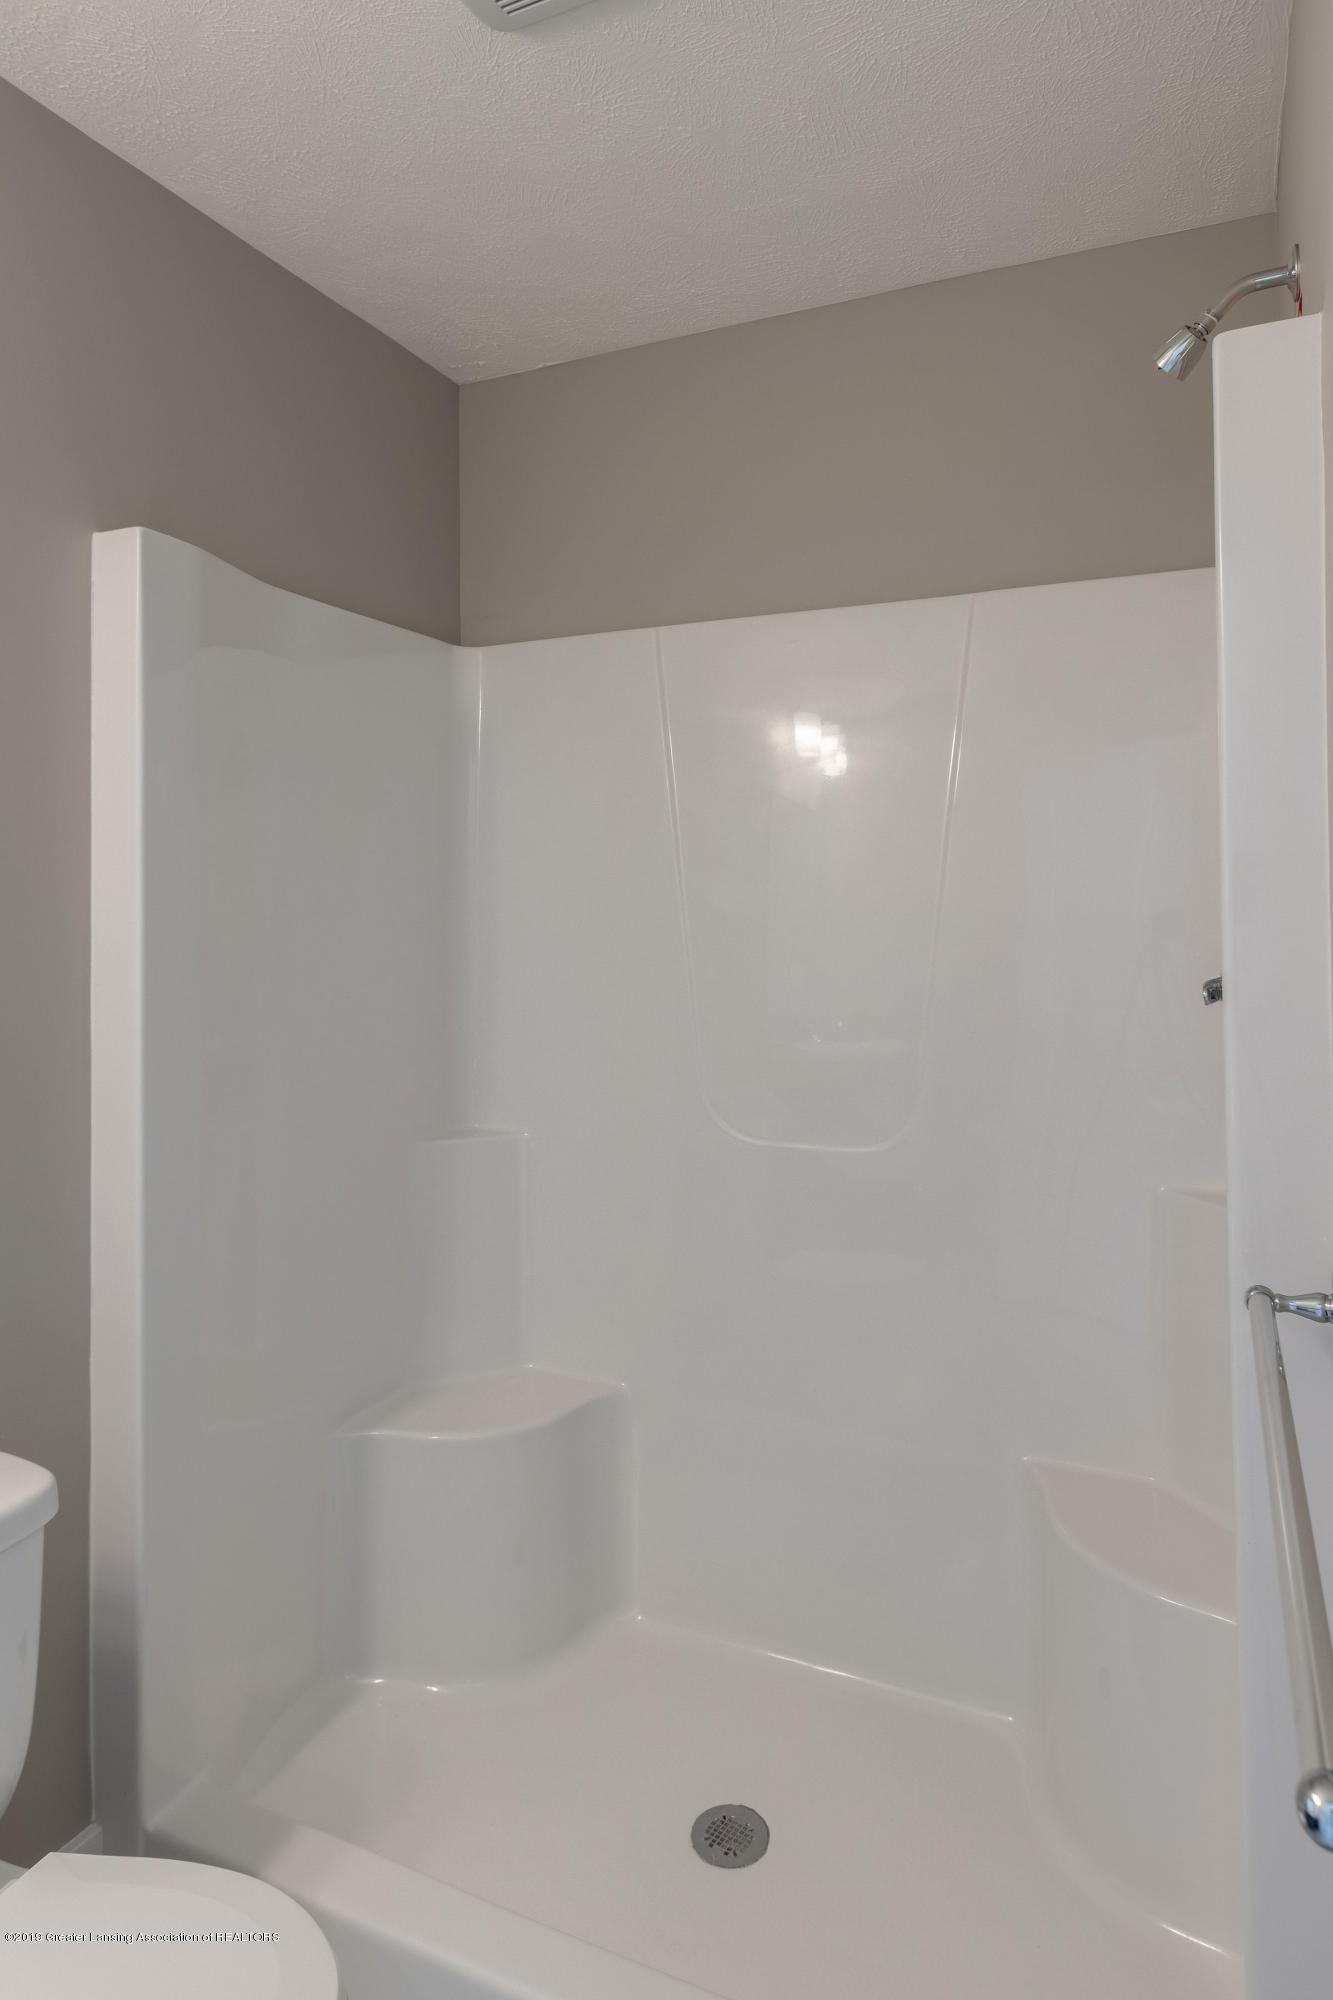 3848 Fossum Ln 10 - LL Bathroom - 32